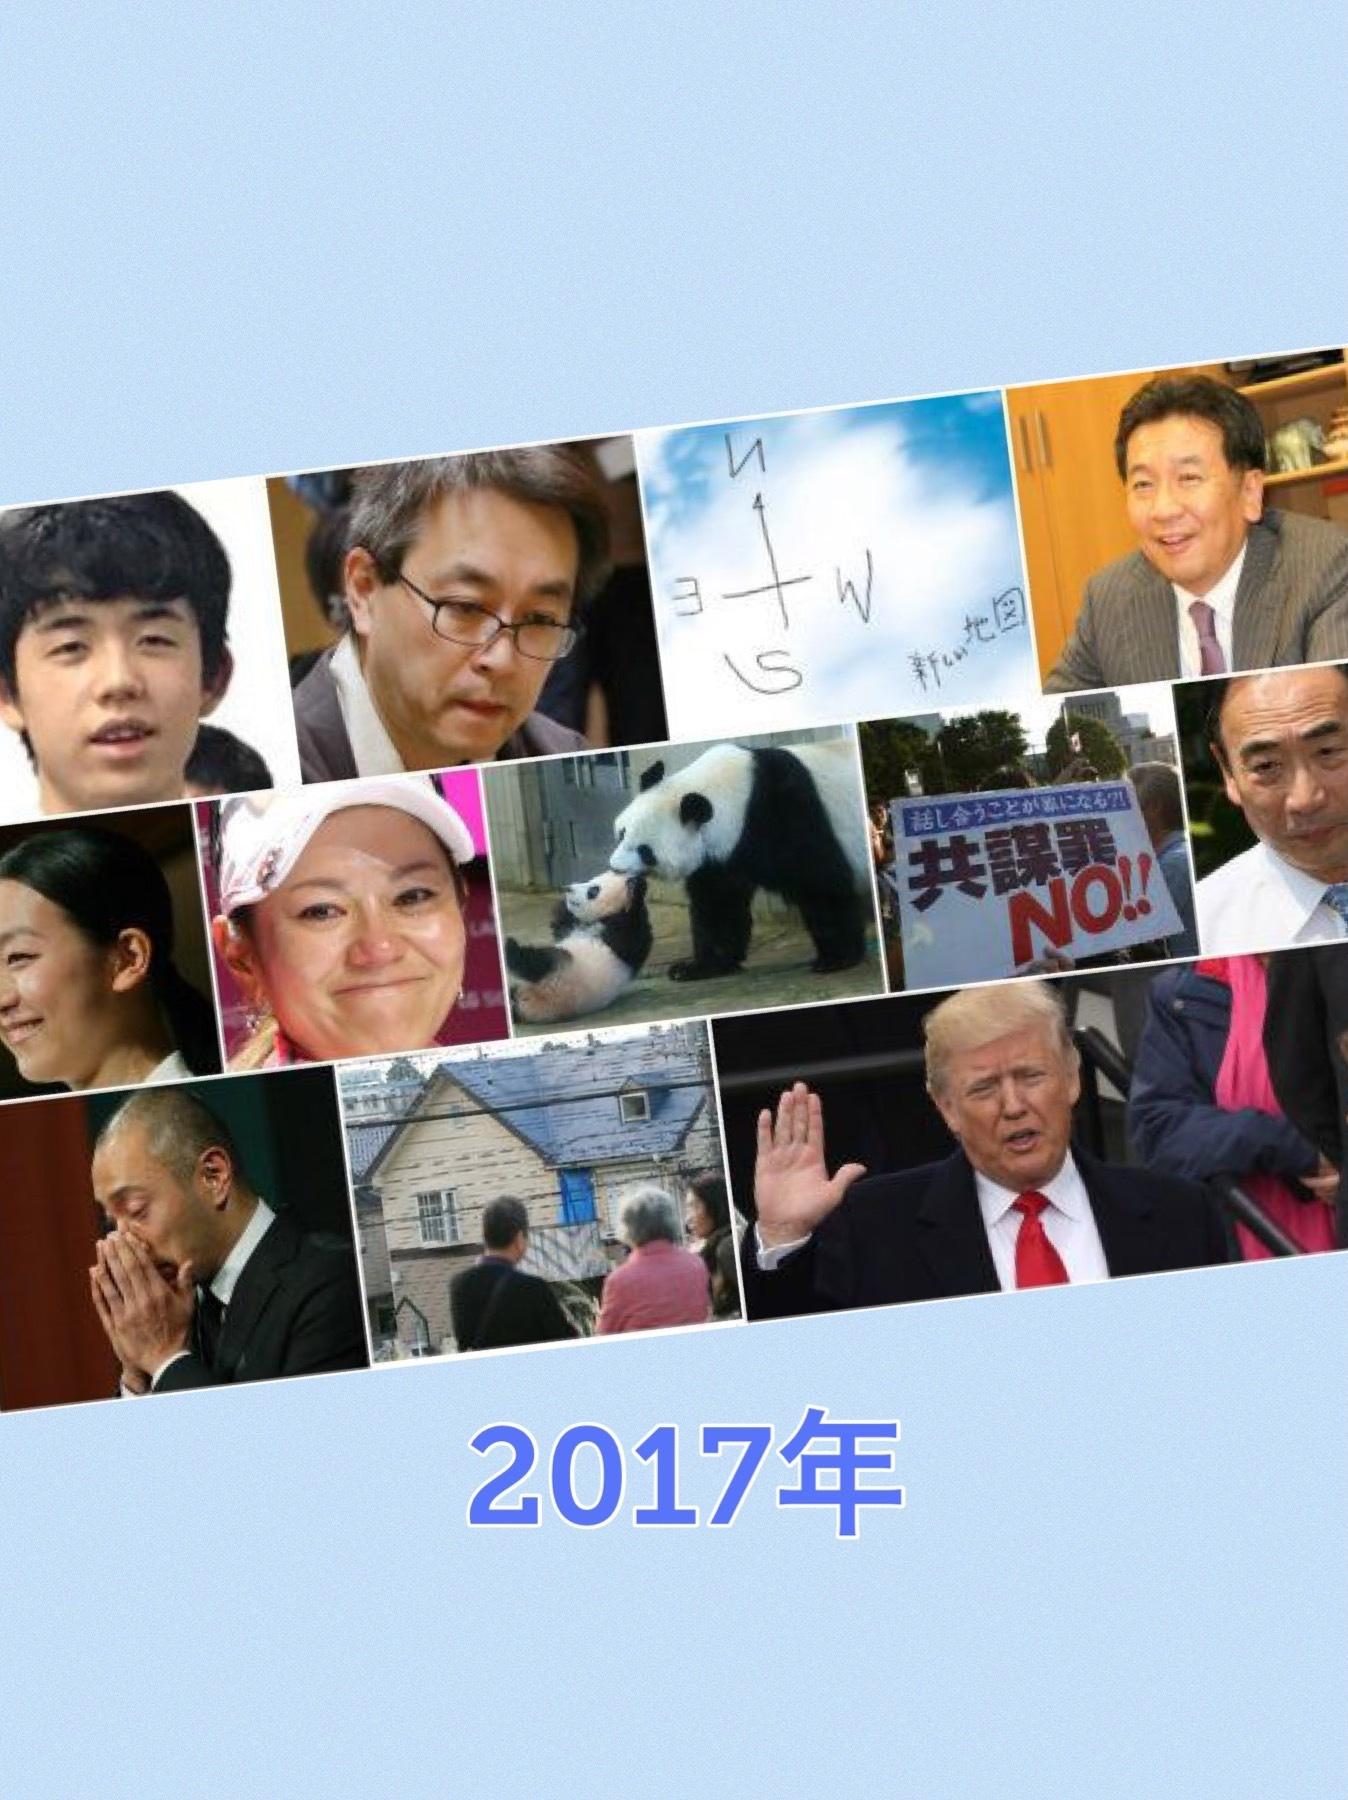 2017年の出来事